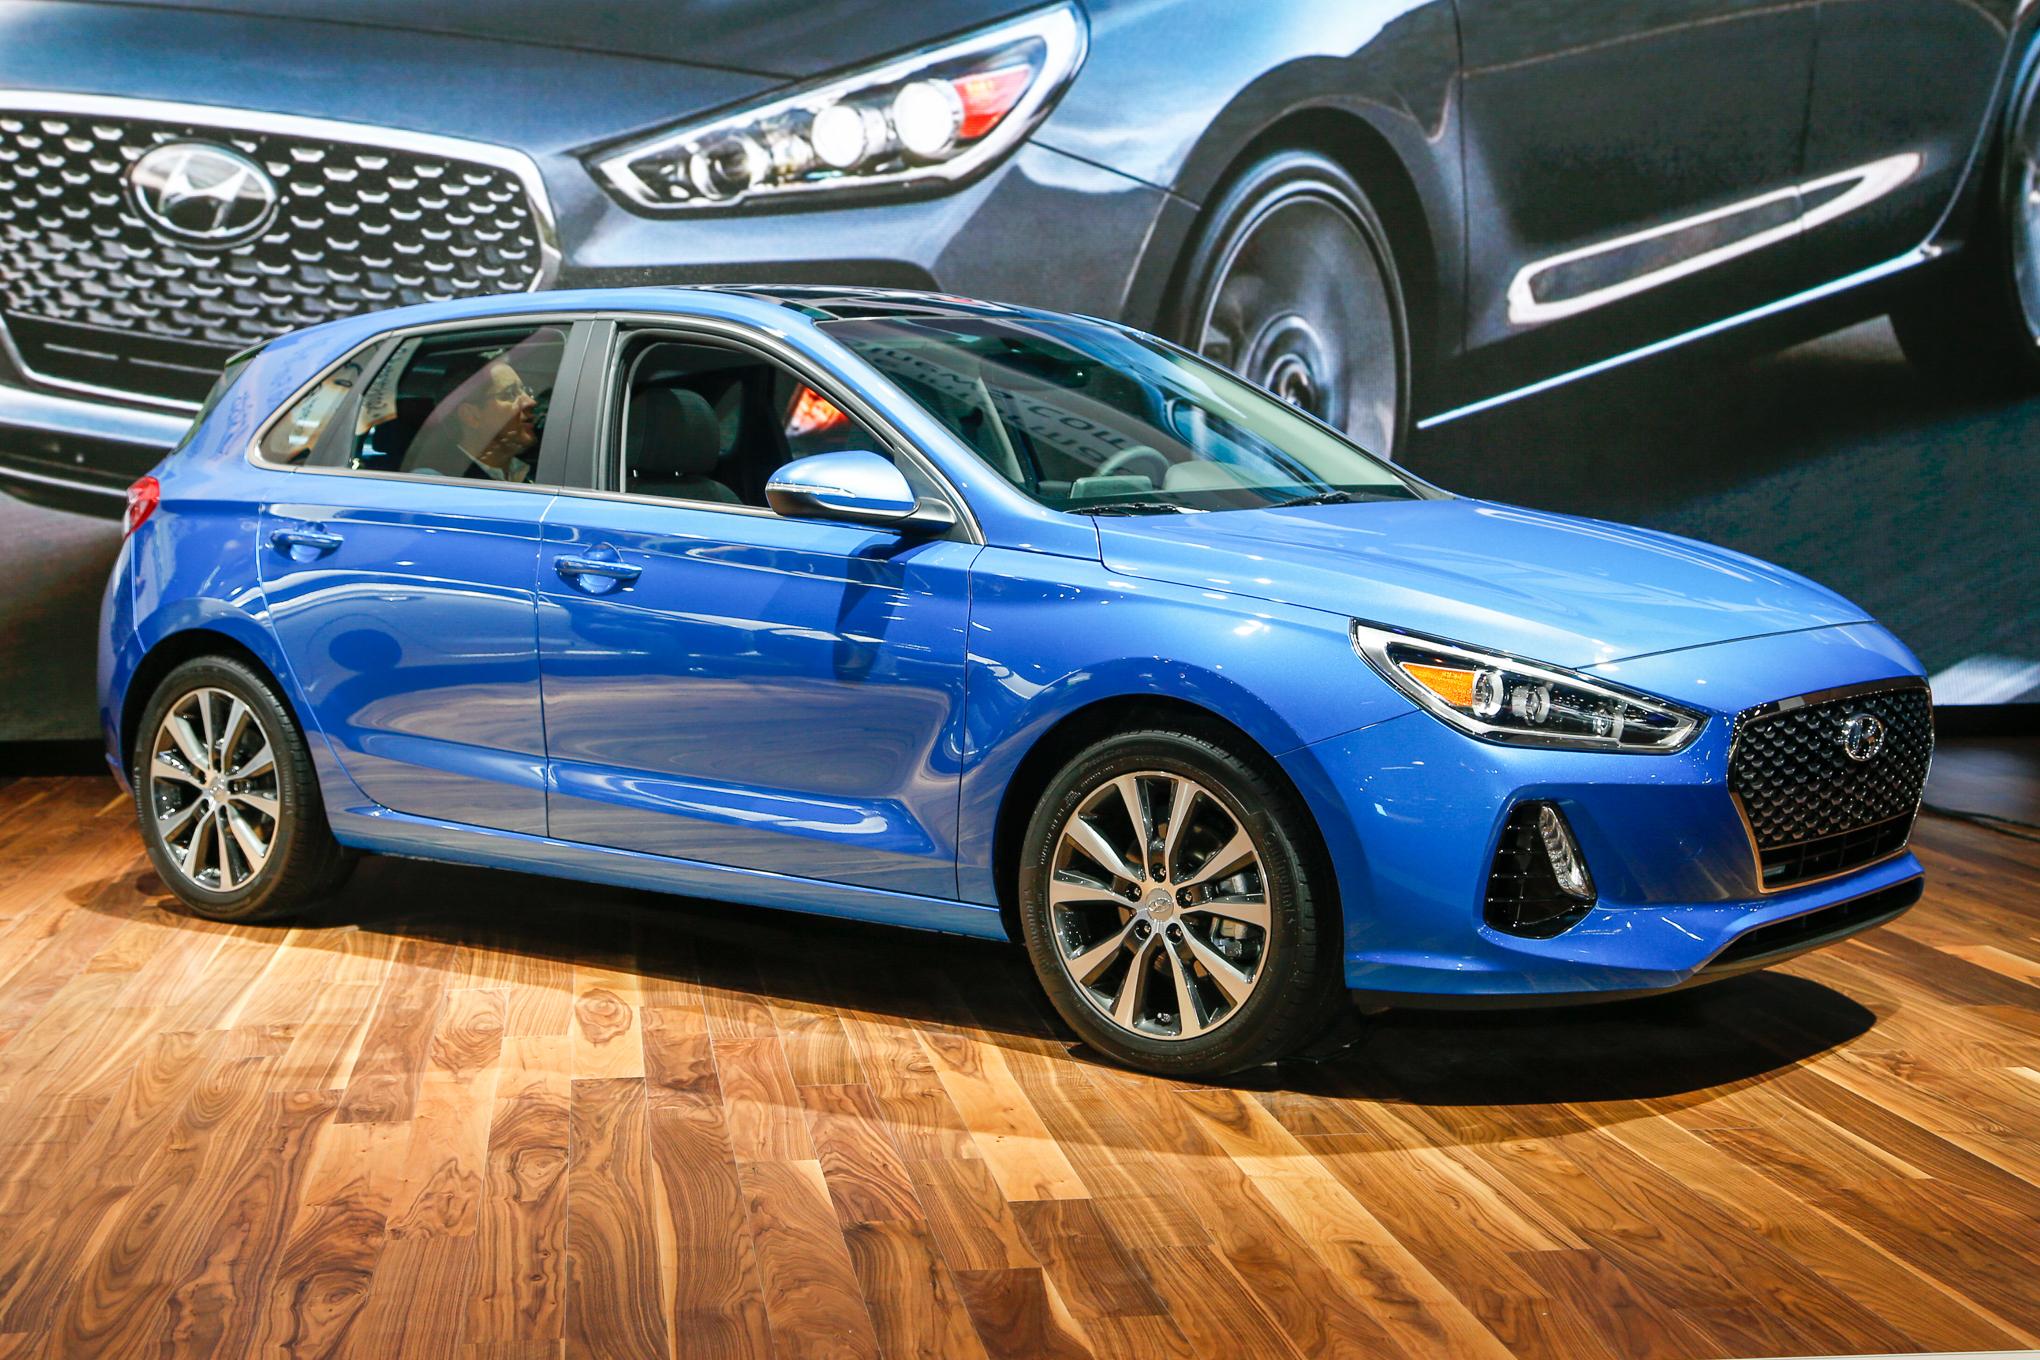 Xe++ - Hyundai Elantra GT 2018 chốt giá bán từ 465,4 triệu đồng